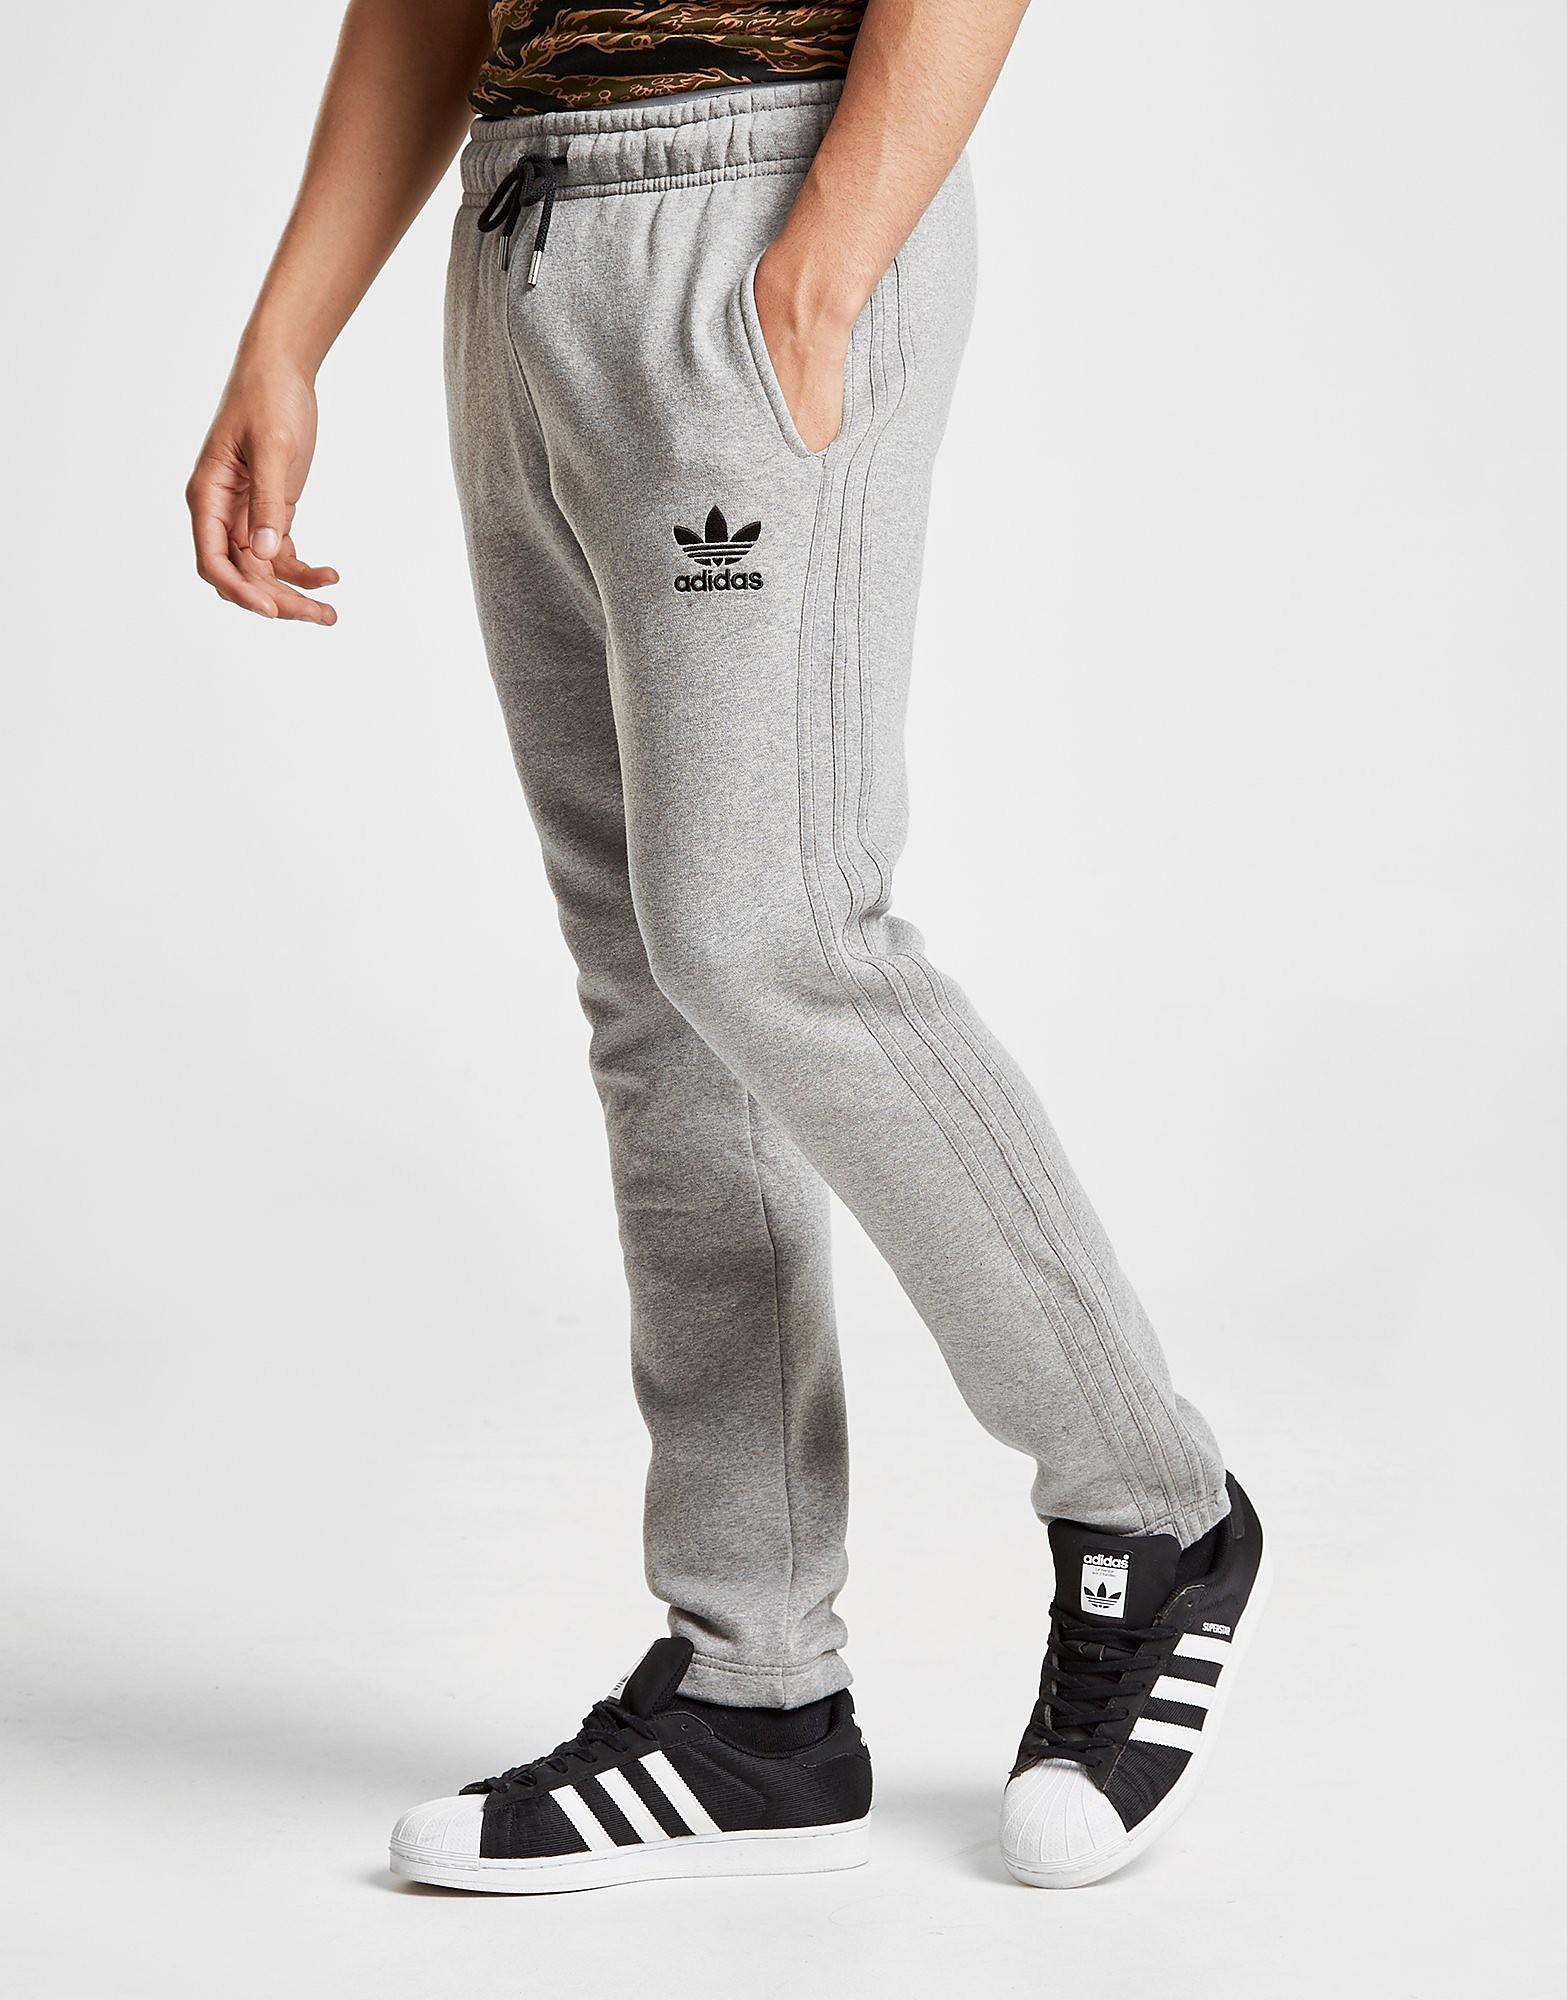 adidas originali mens abbigliamento uomini jd sports